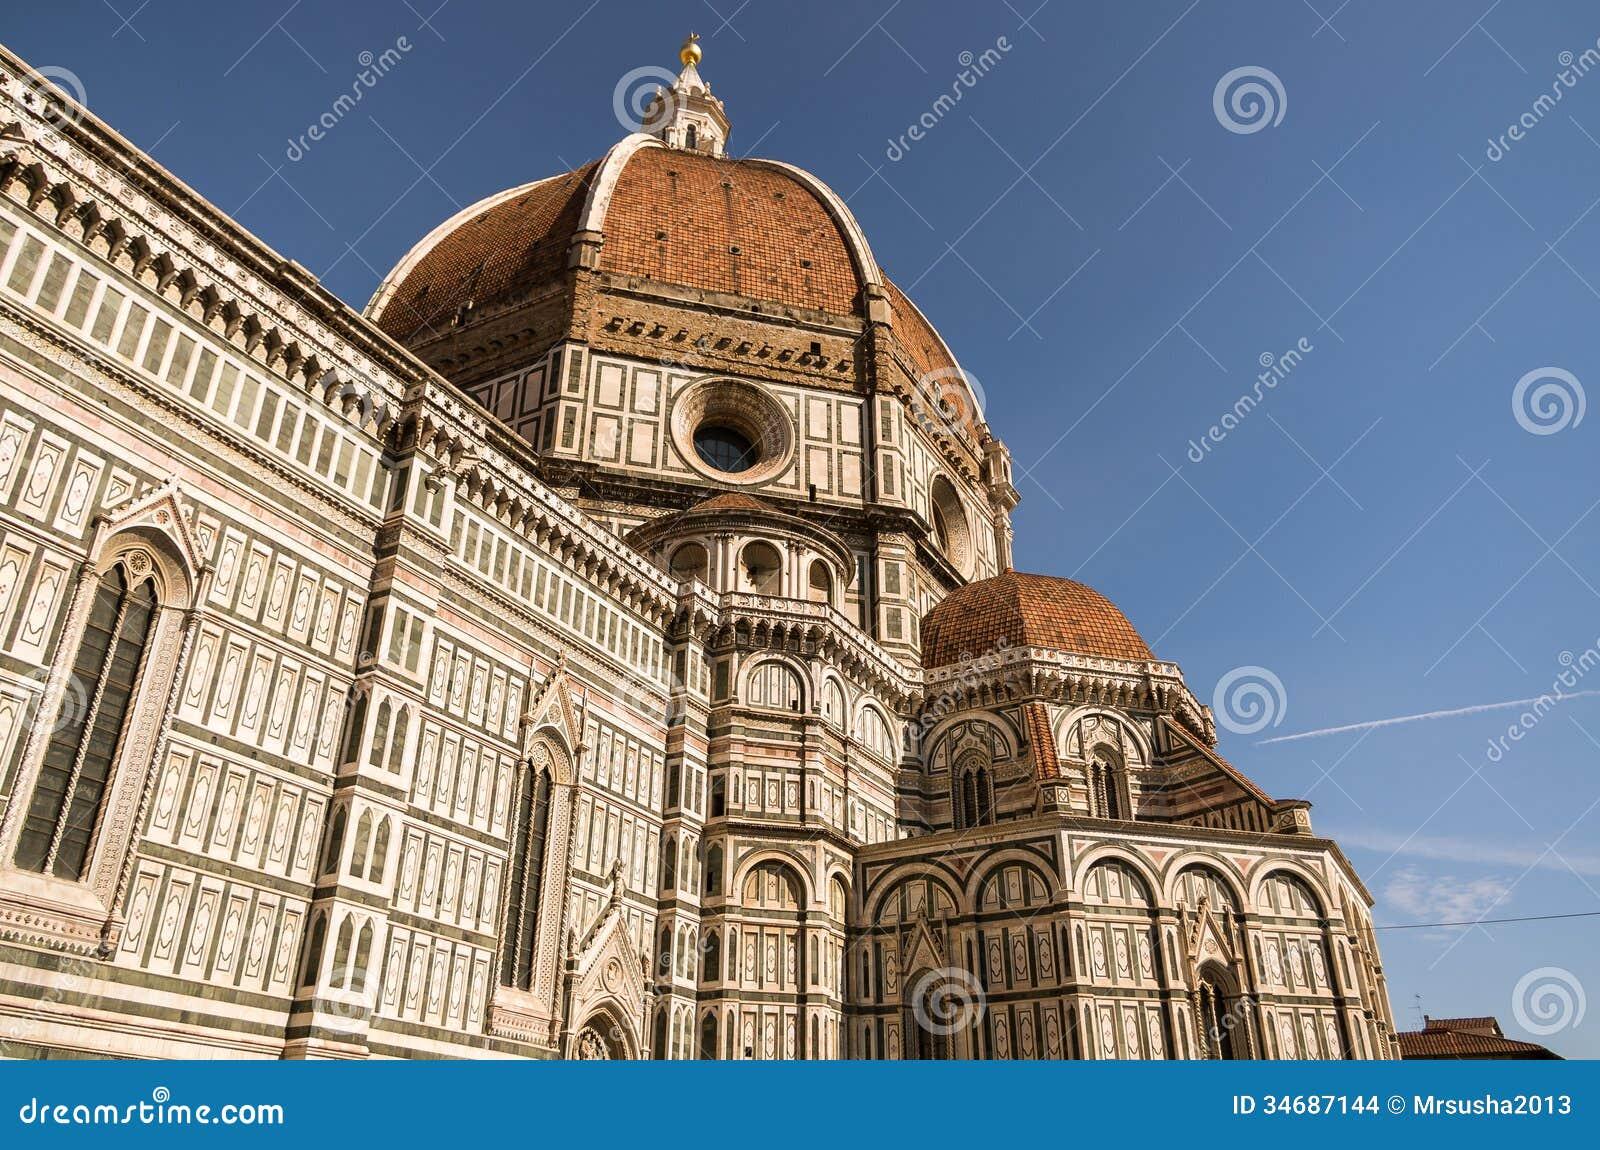 Santa maria del fiore stock images image 34687144 for Architecture quattrocento